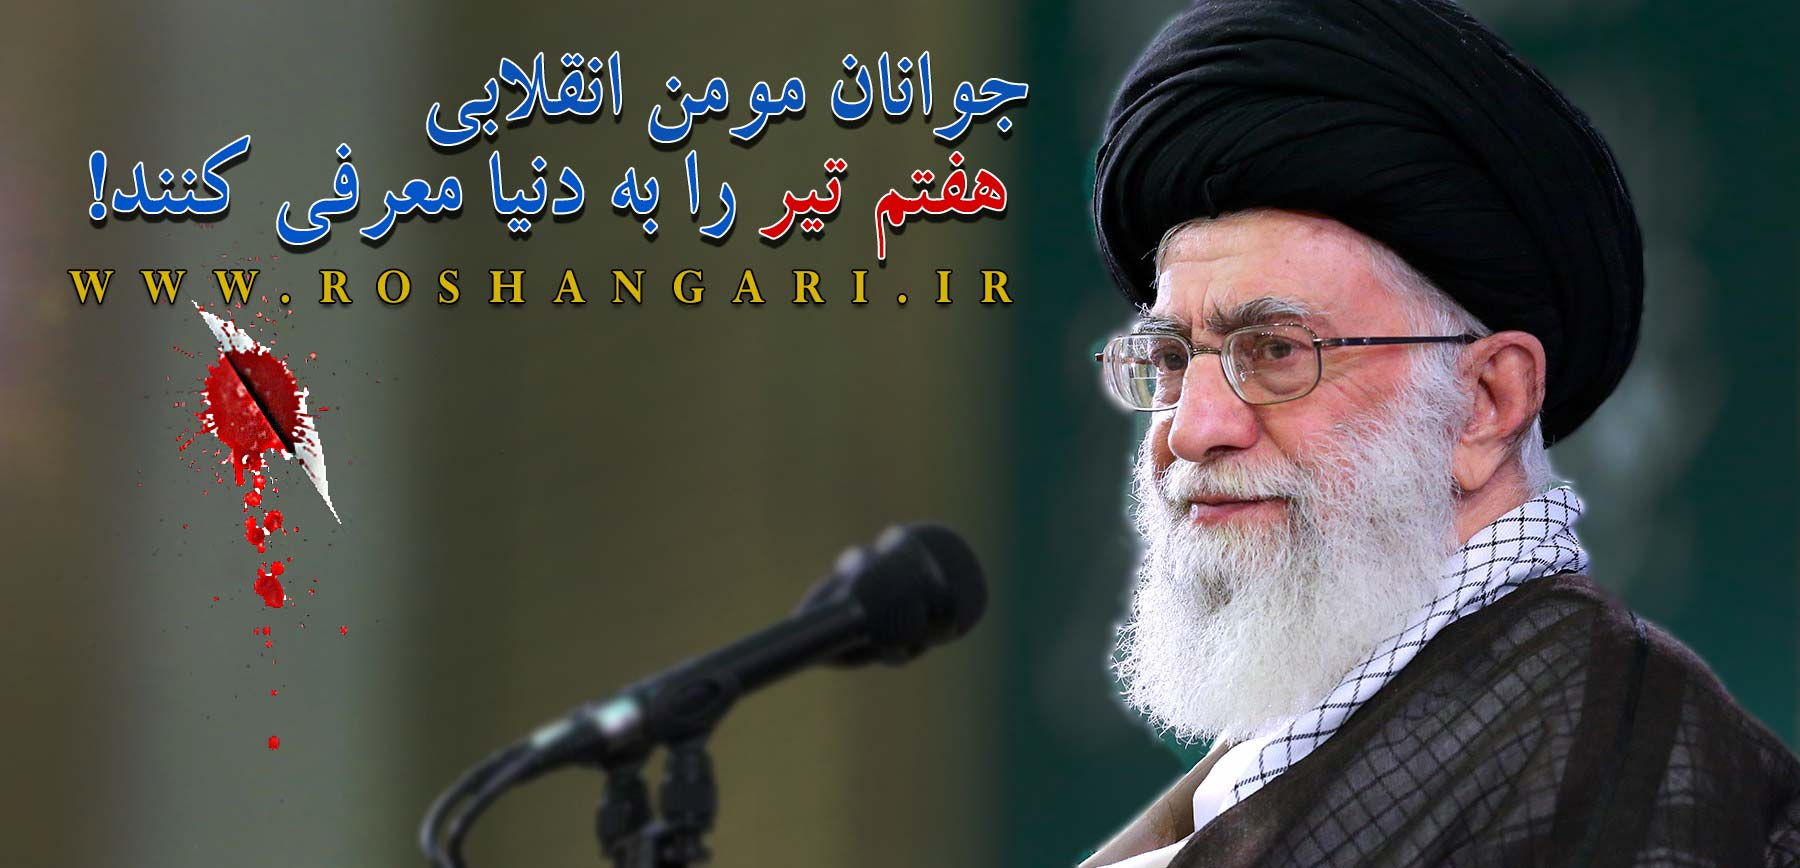 جوانان مومن انقلابی، هفتم تیر را به دنیا معرفی کنند!!!